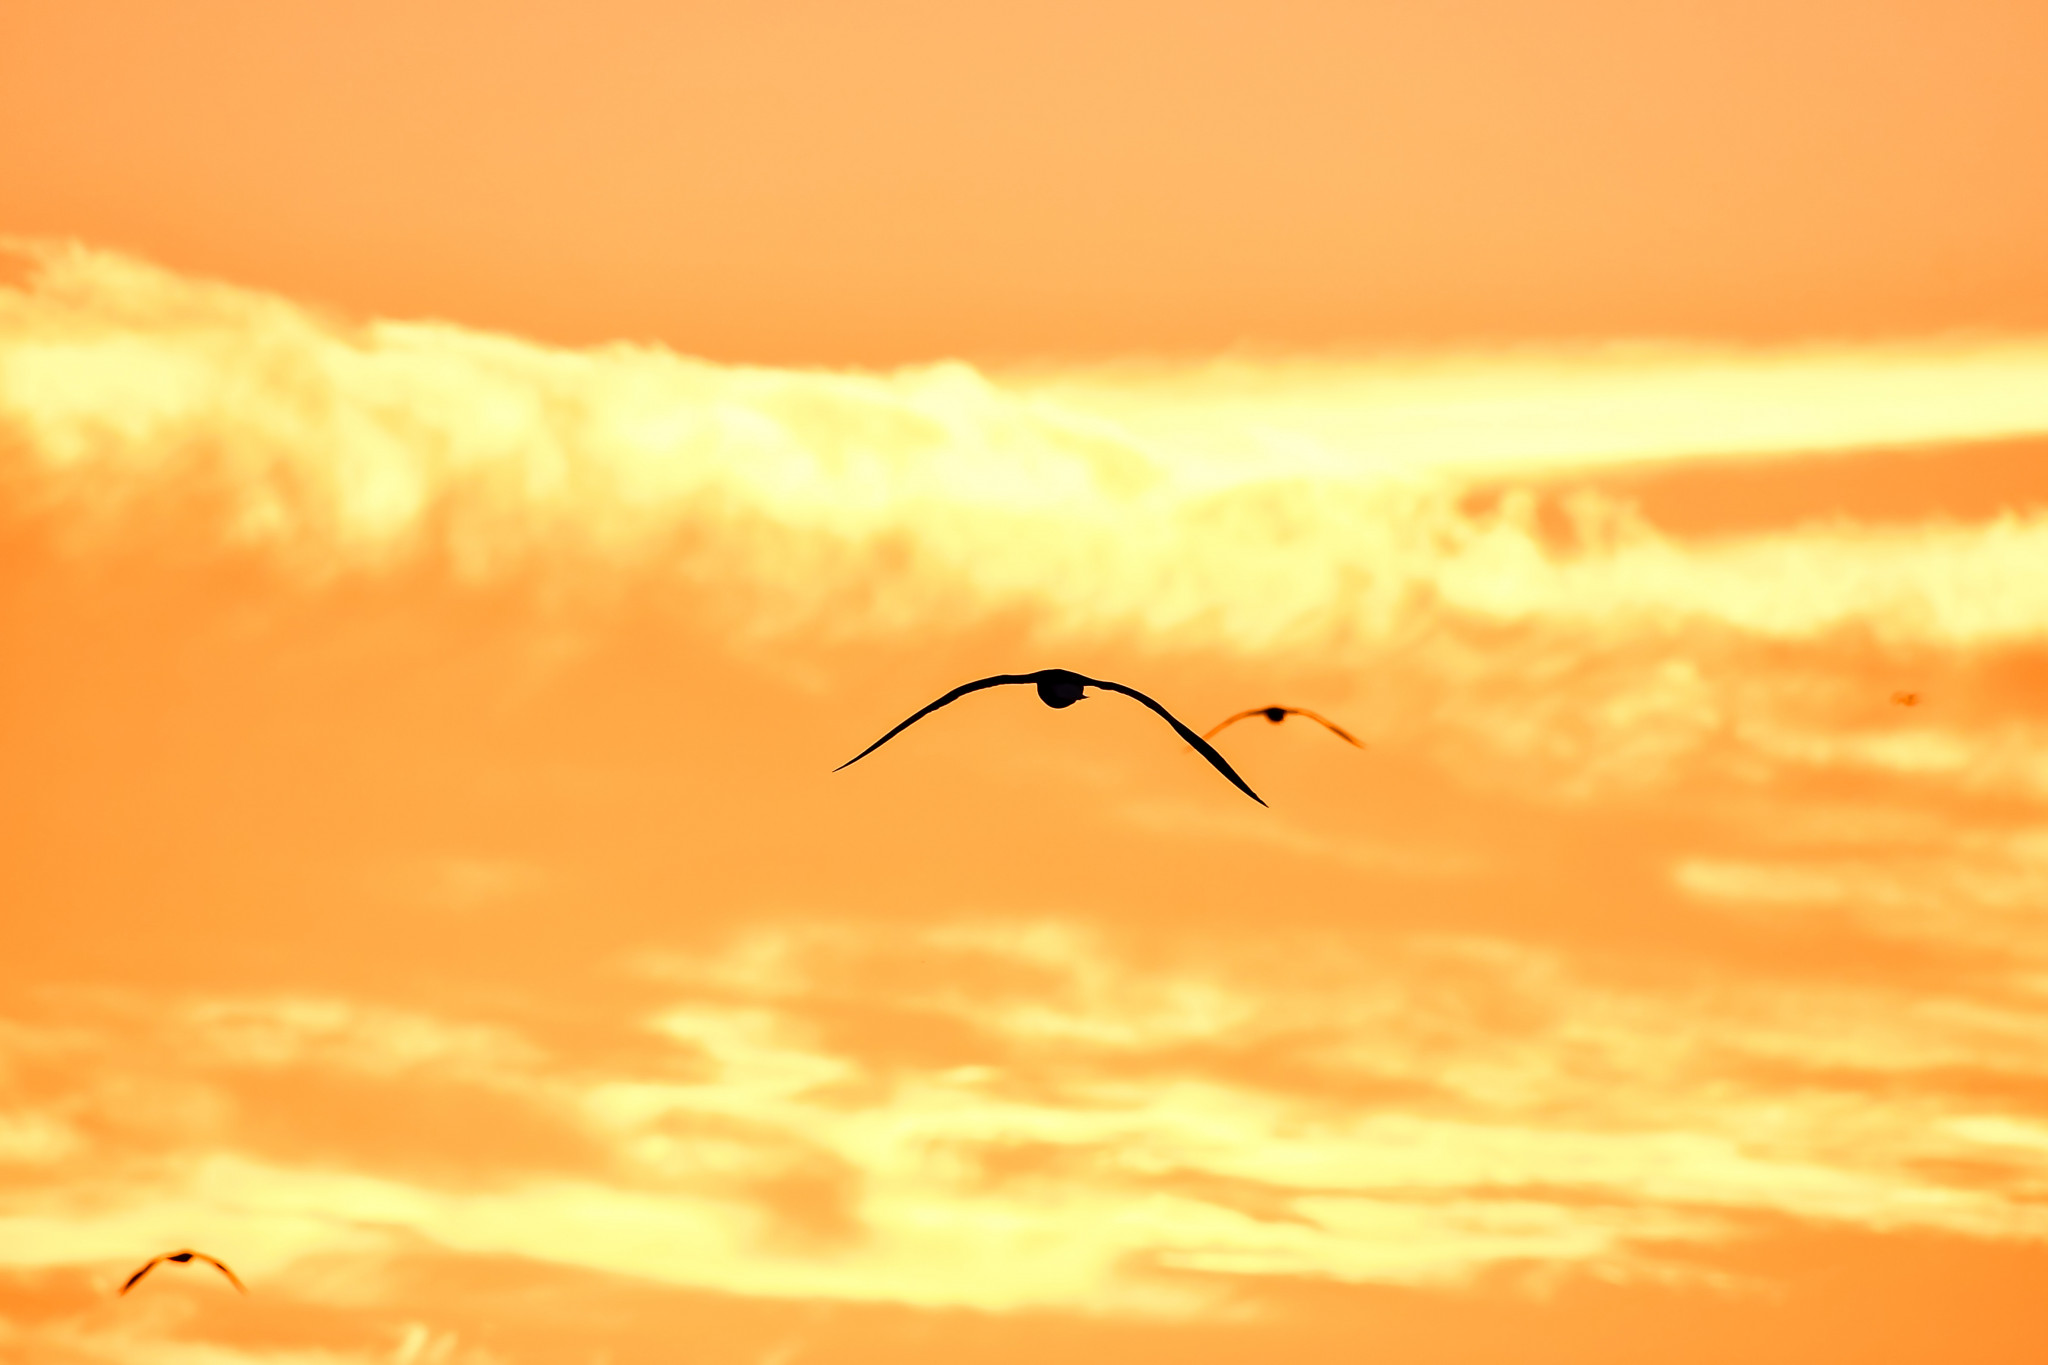 Fåglar flygandes i solnedgång.